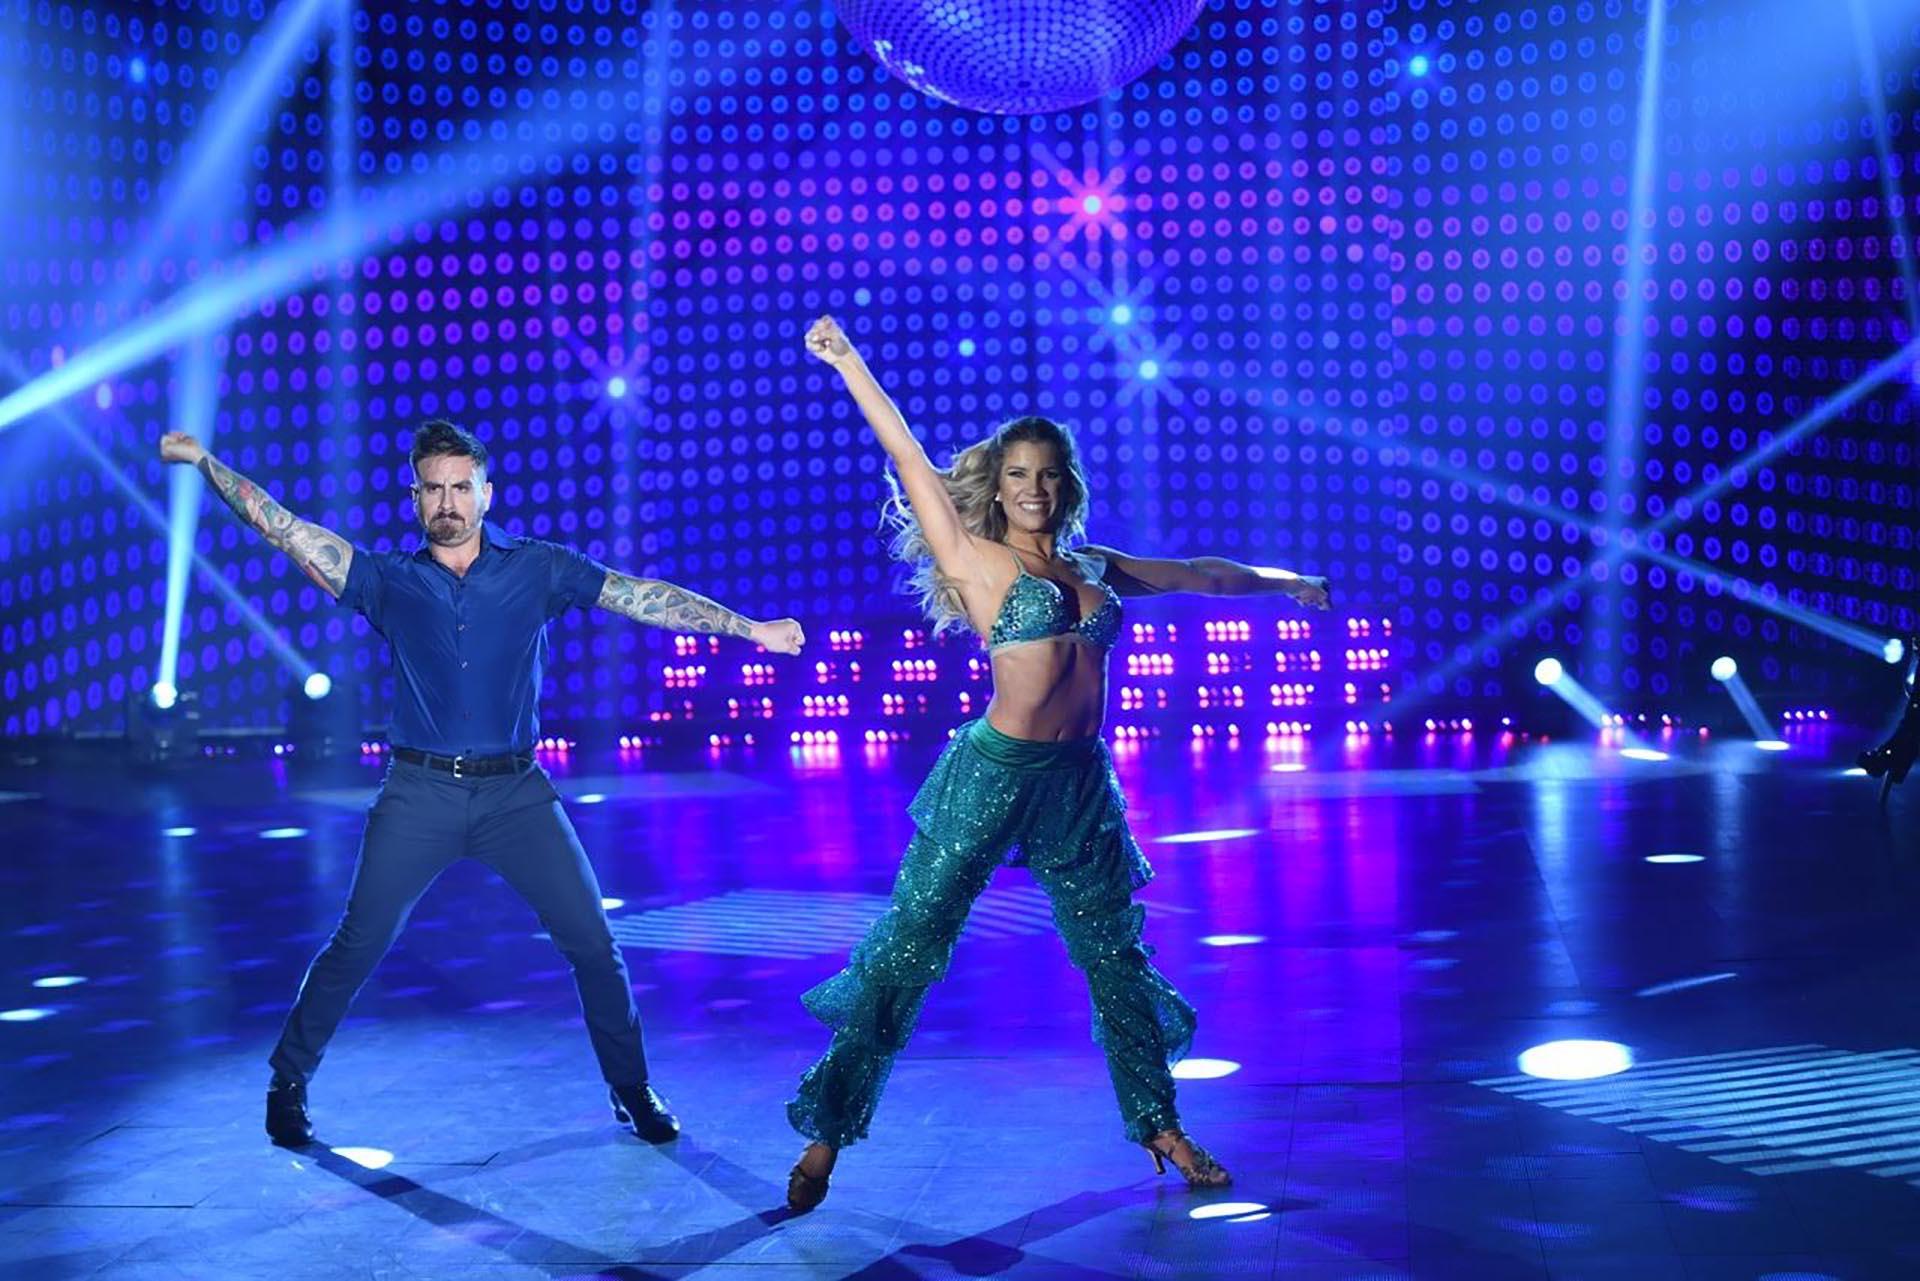 Fede Bal y Laura Fernández bailando Disco